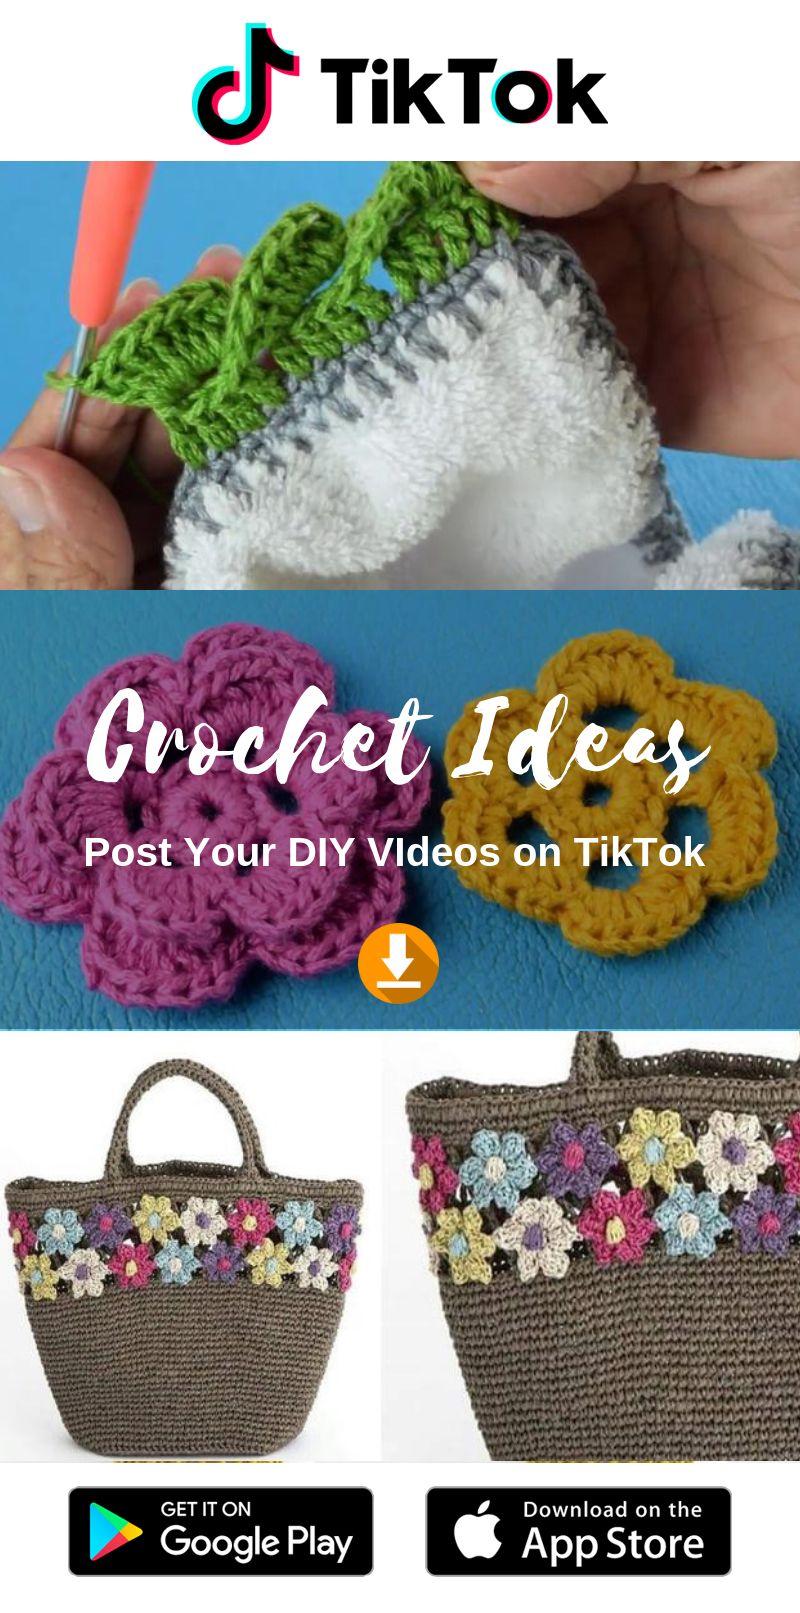 Tiktok Funny Short Videos Platform Funny Short Videos Diy Fun Stickers